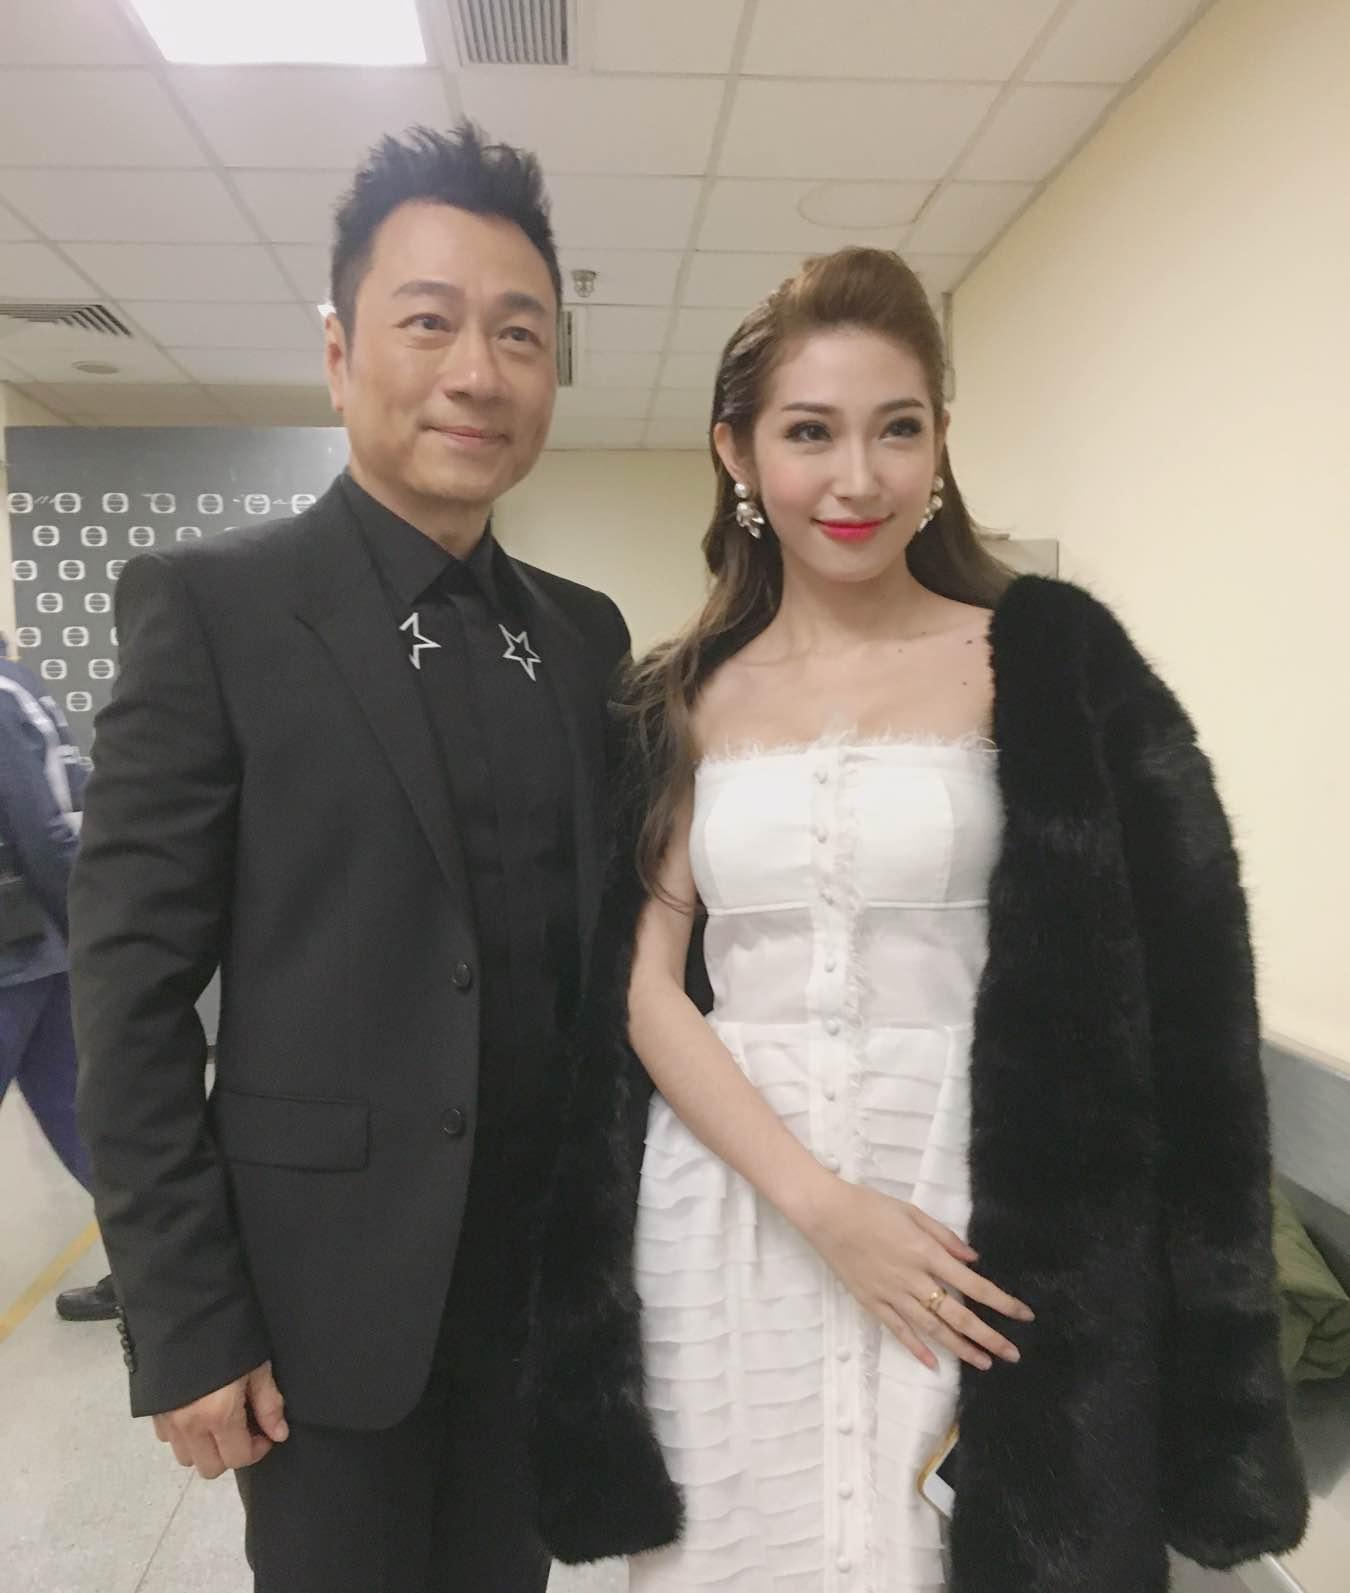 Khổng Tú Quỳnh tham dự lễ trao giải TVB, đọ dáng cùng Hoa hậu Hồng Kông - Ảnh 6.